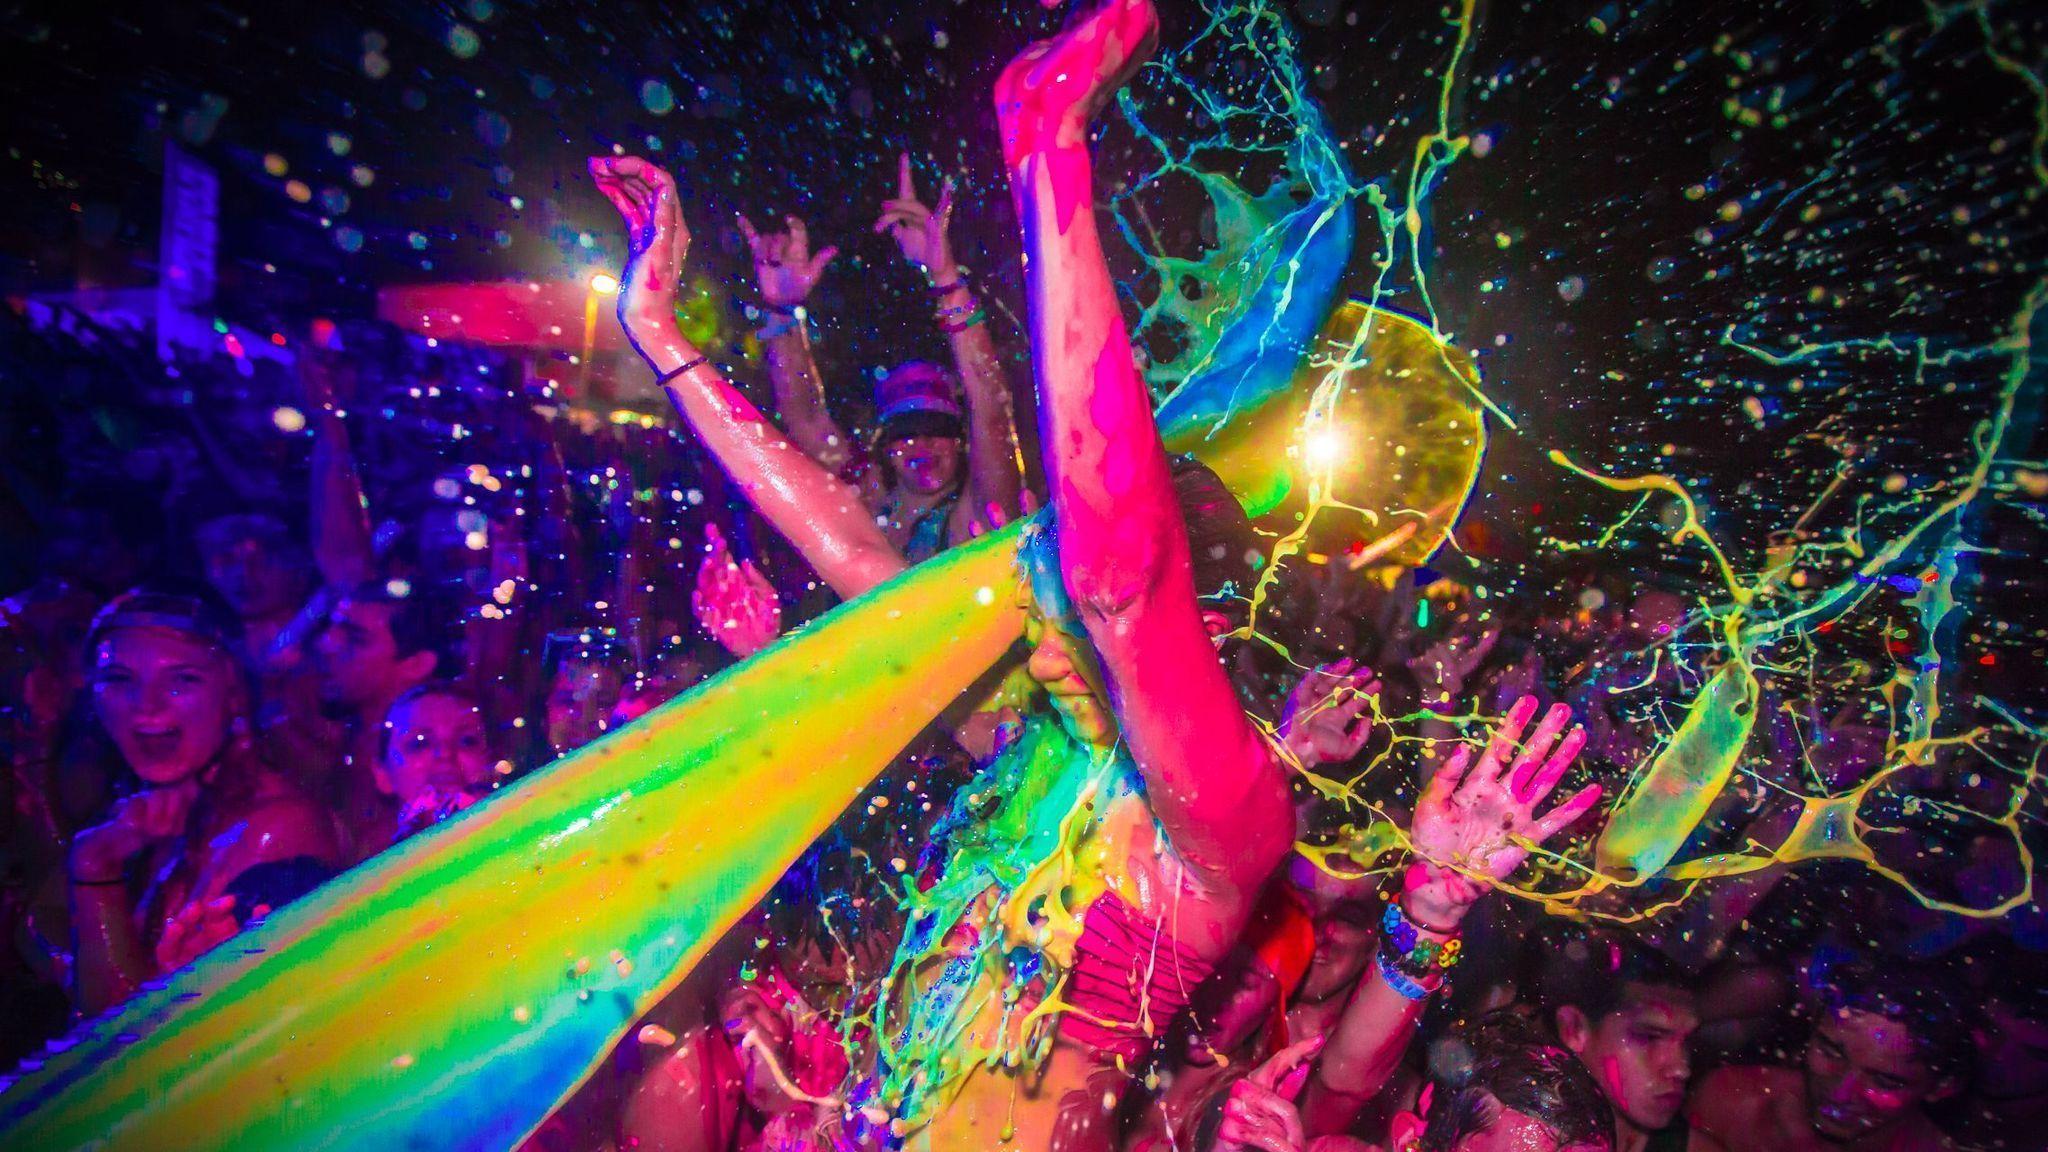 Se esci dalla comfort zone la tua vita acquisterà colore